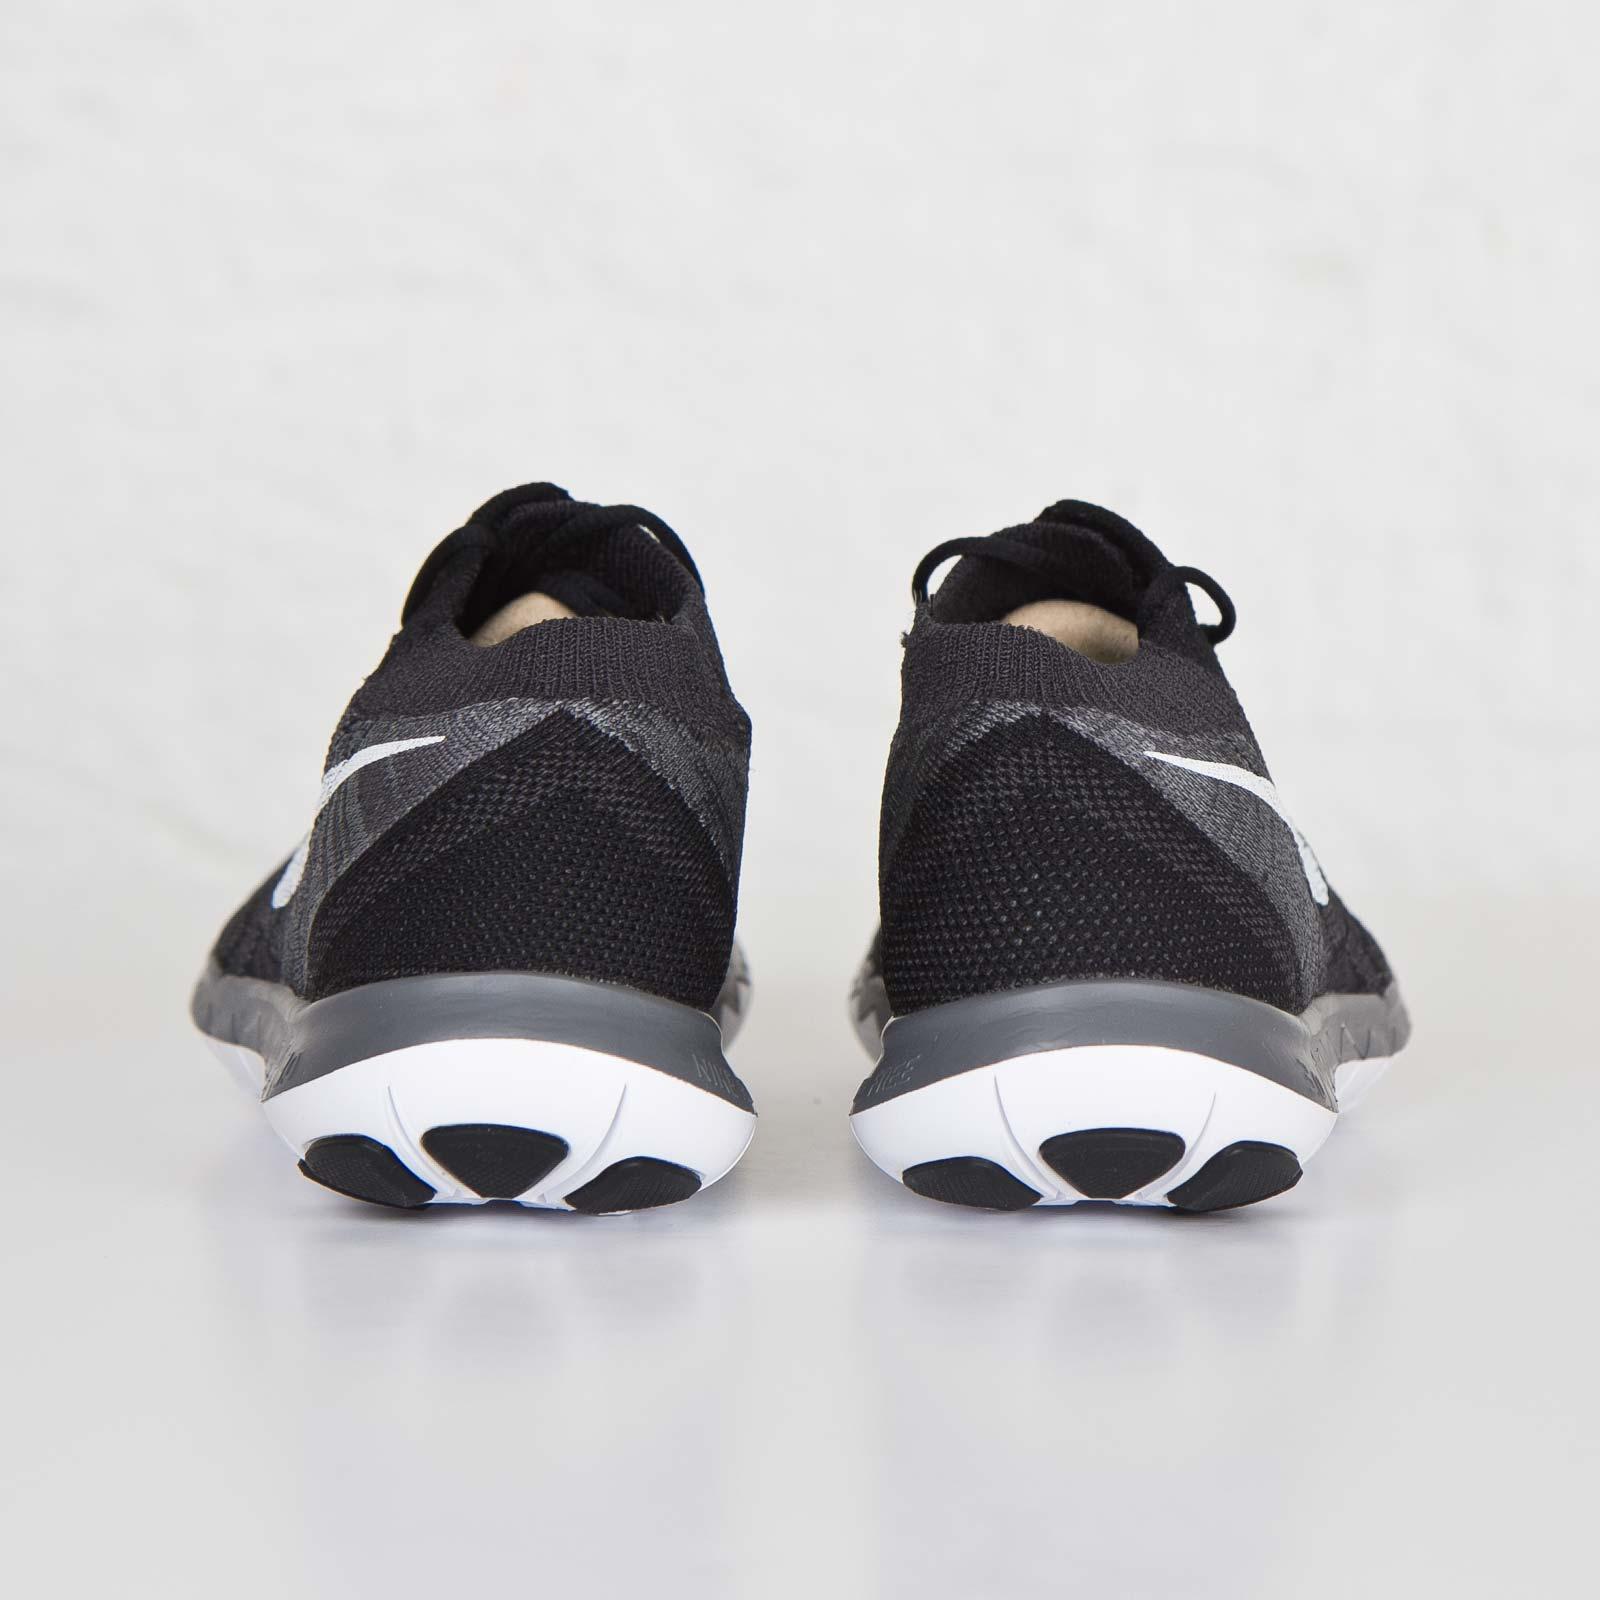 los angeles a51ef 6d5f9 Nike Wmns Free 3.0 Flyknit - 718420-001 - Sneakersnstuff   sneakers    streetwear online since 1999